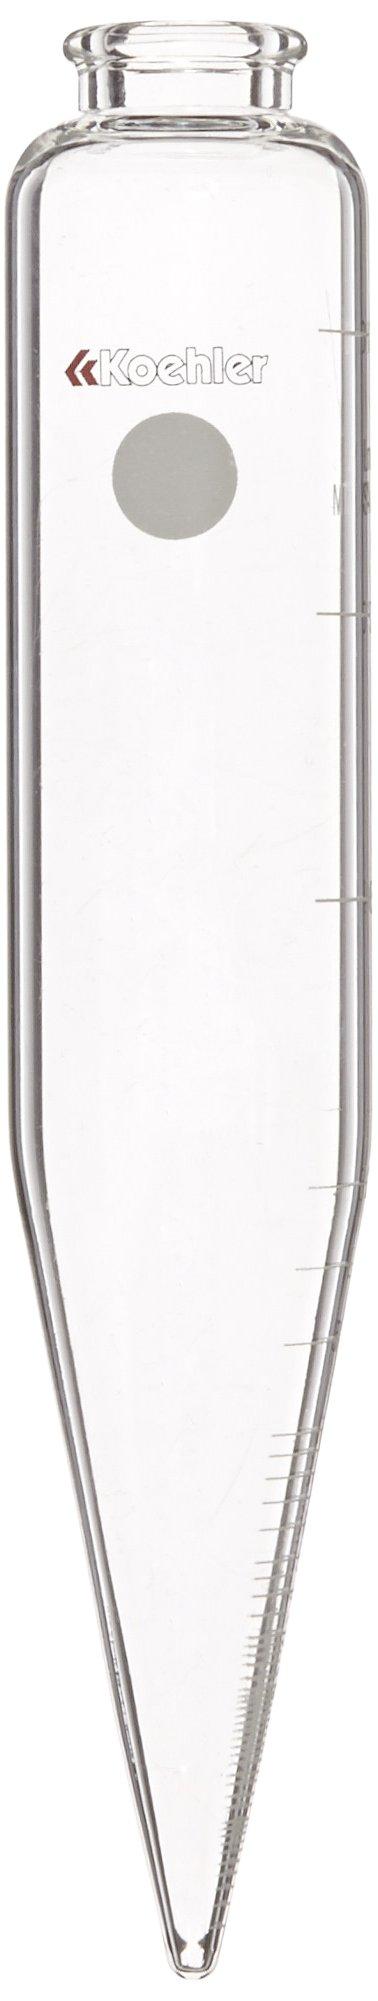 Koehler K61101 Long Centrifuge Tube, 100mL Capacity, 8'' Length, Marked in mL